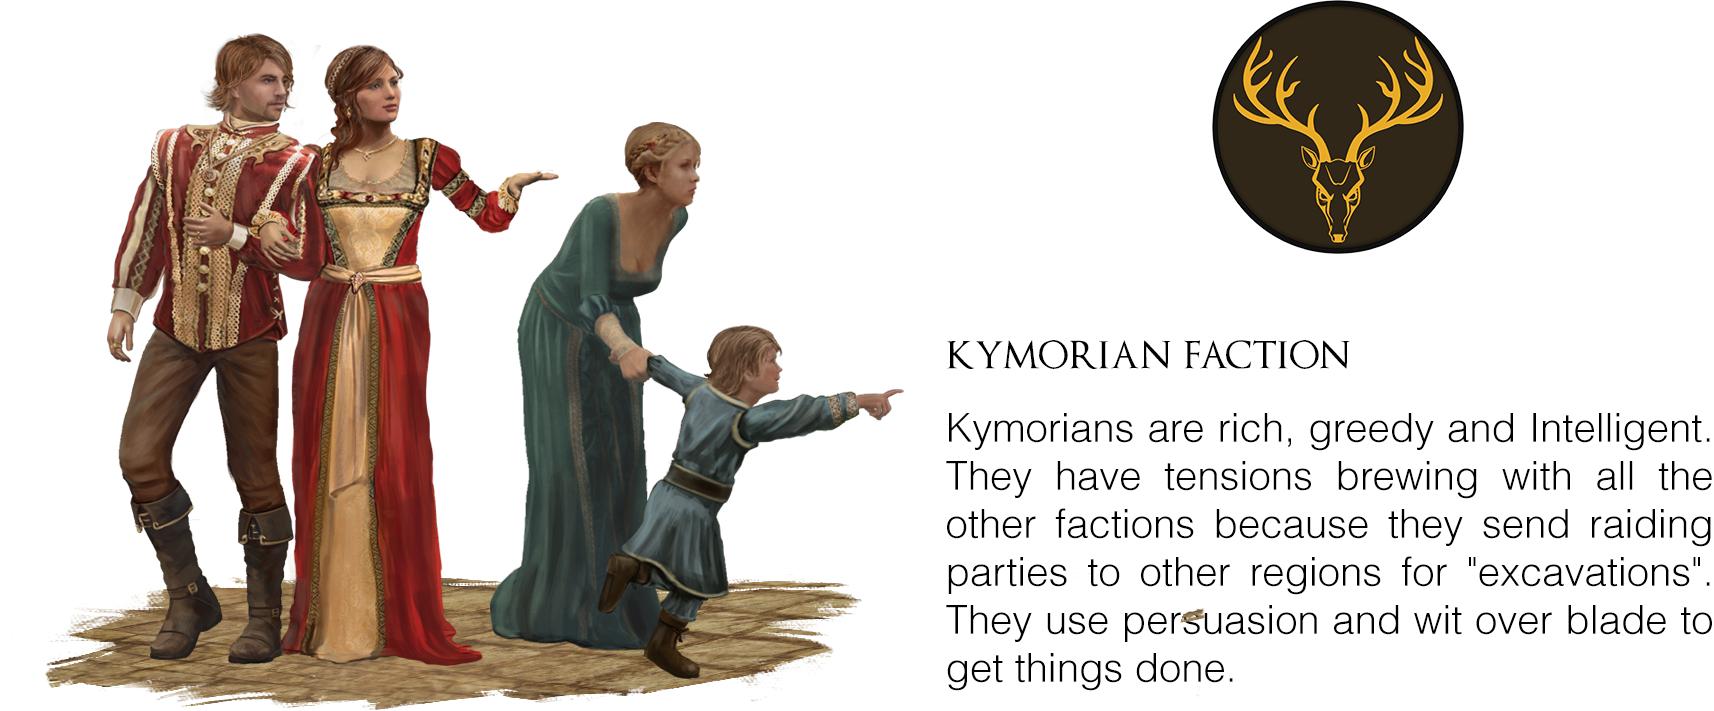 Kymoria